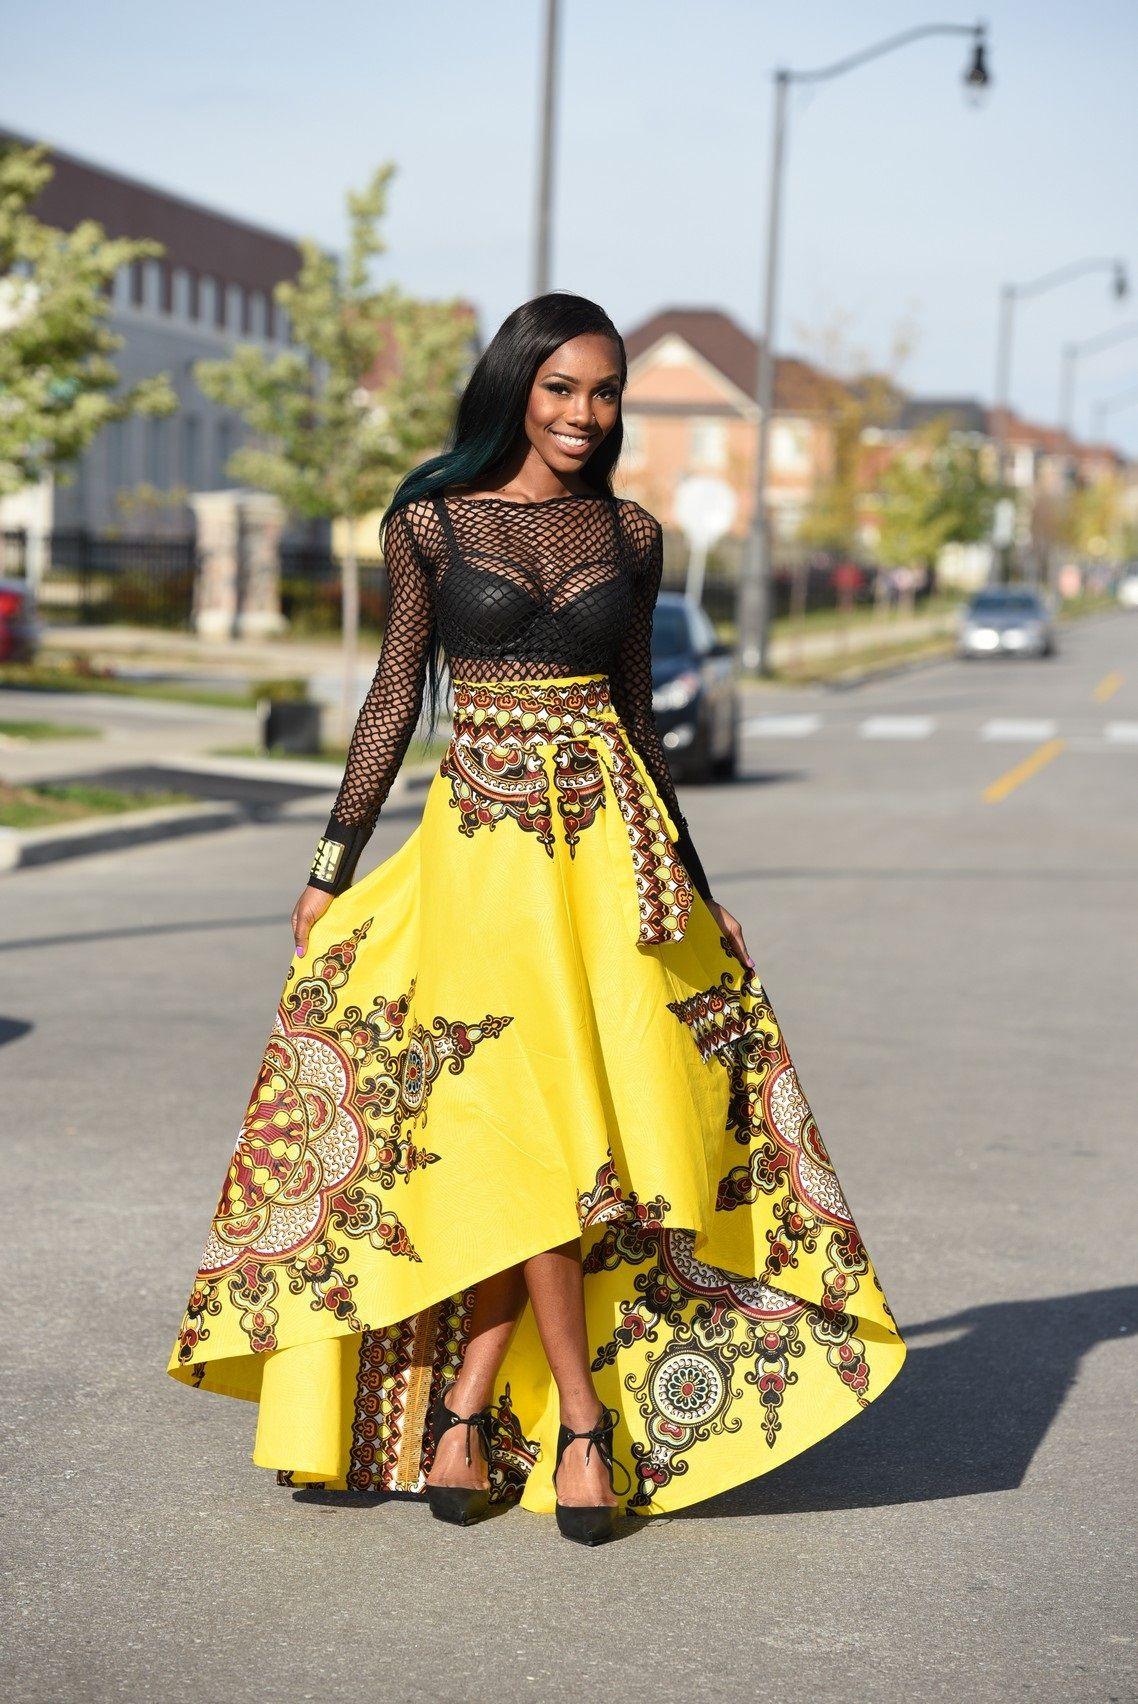 Rahyma Java Hilo Skirt  Zuvaa  Clothing  Pinterest -3593